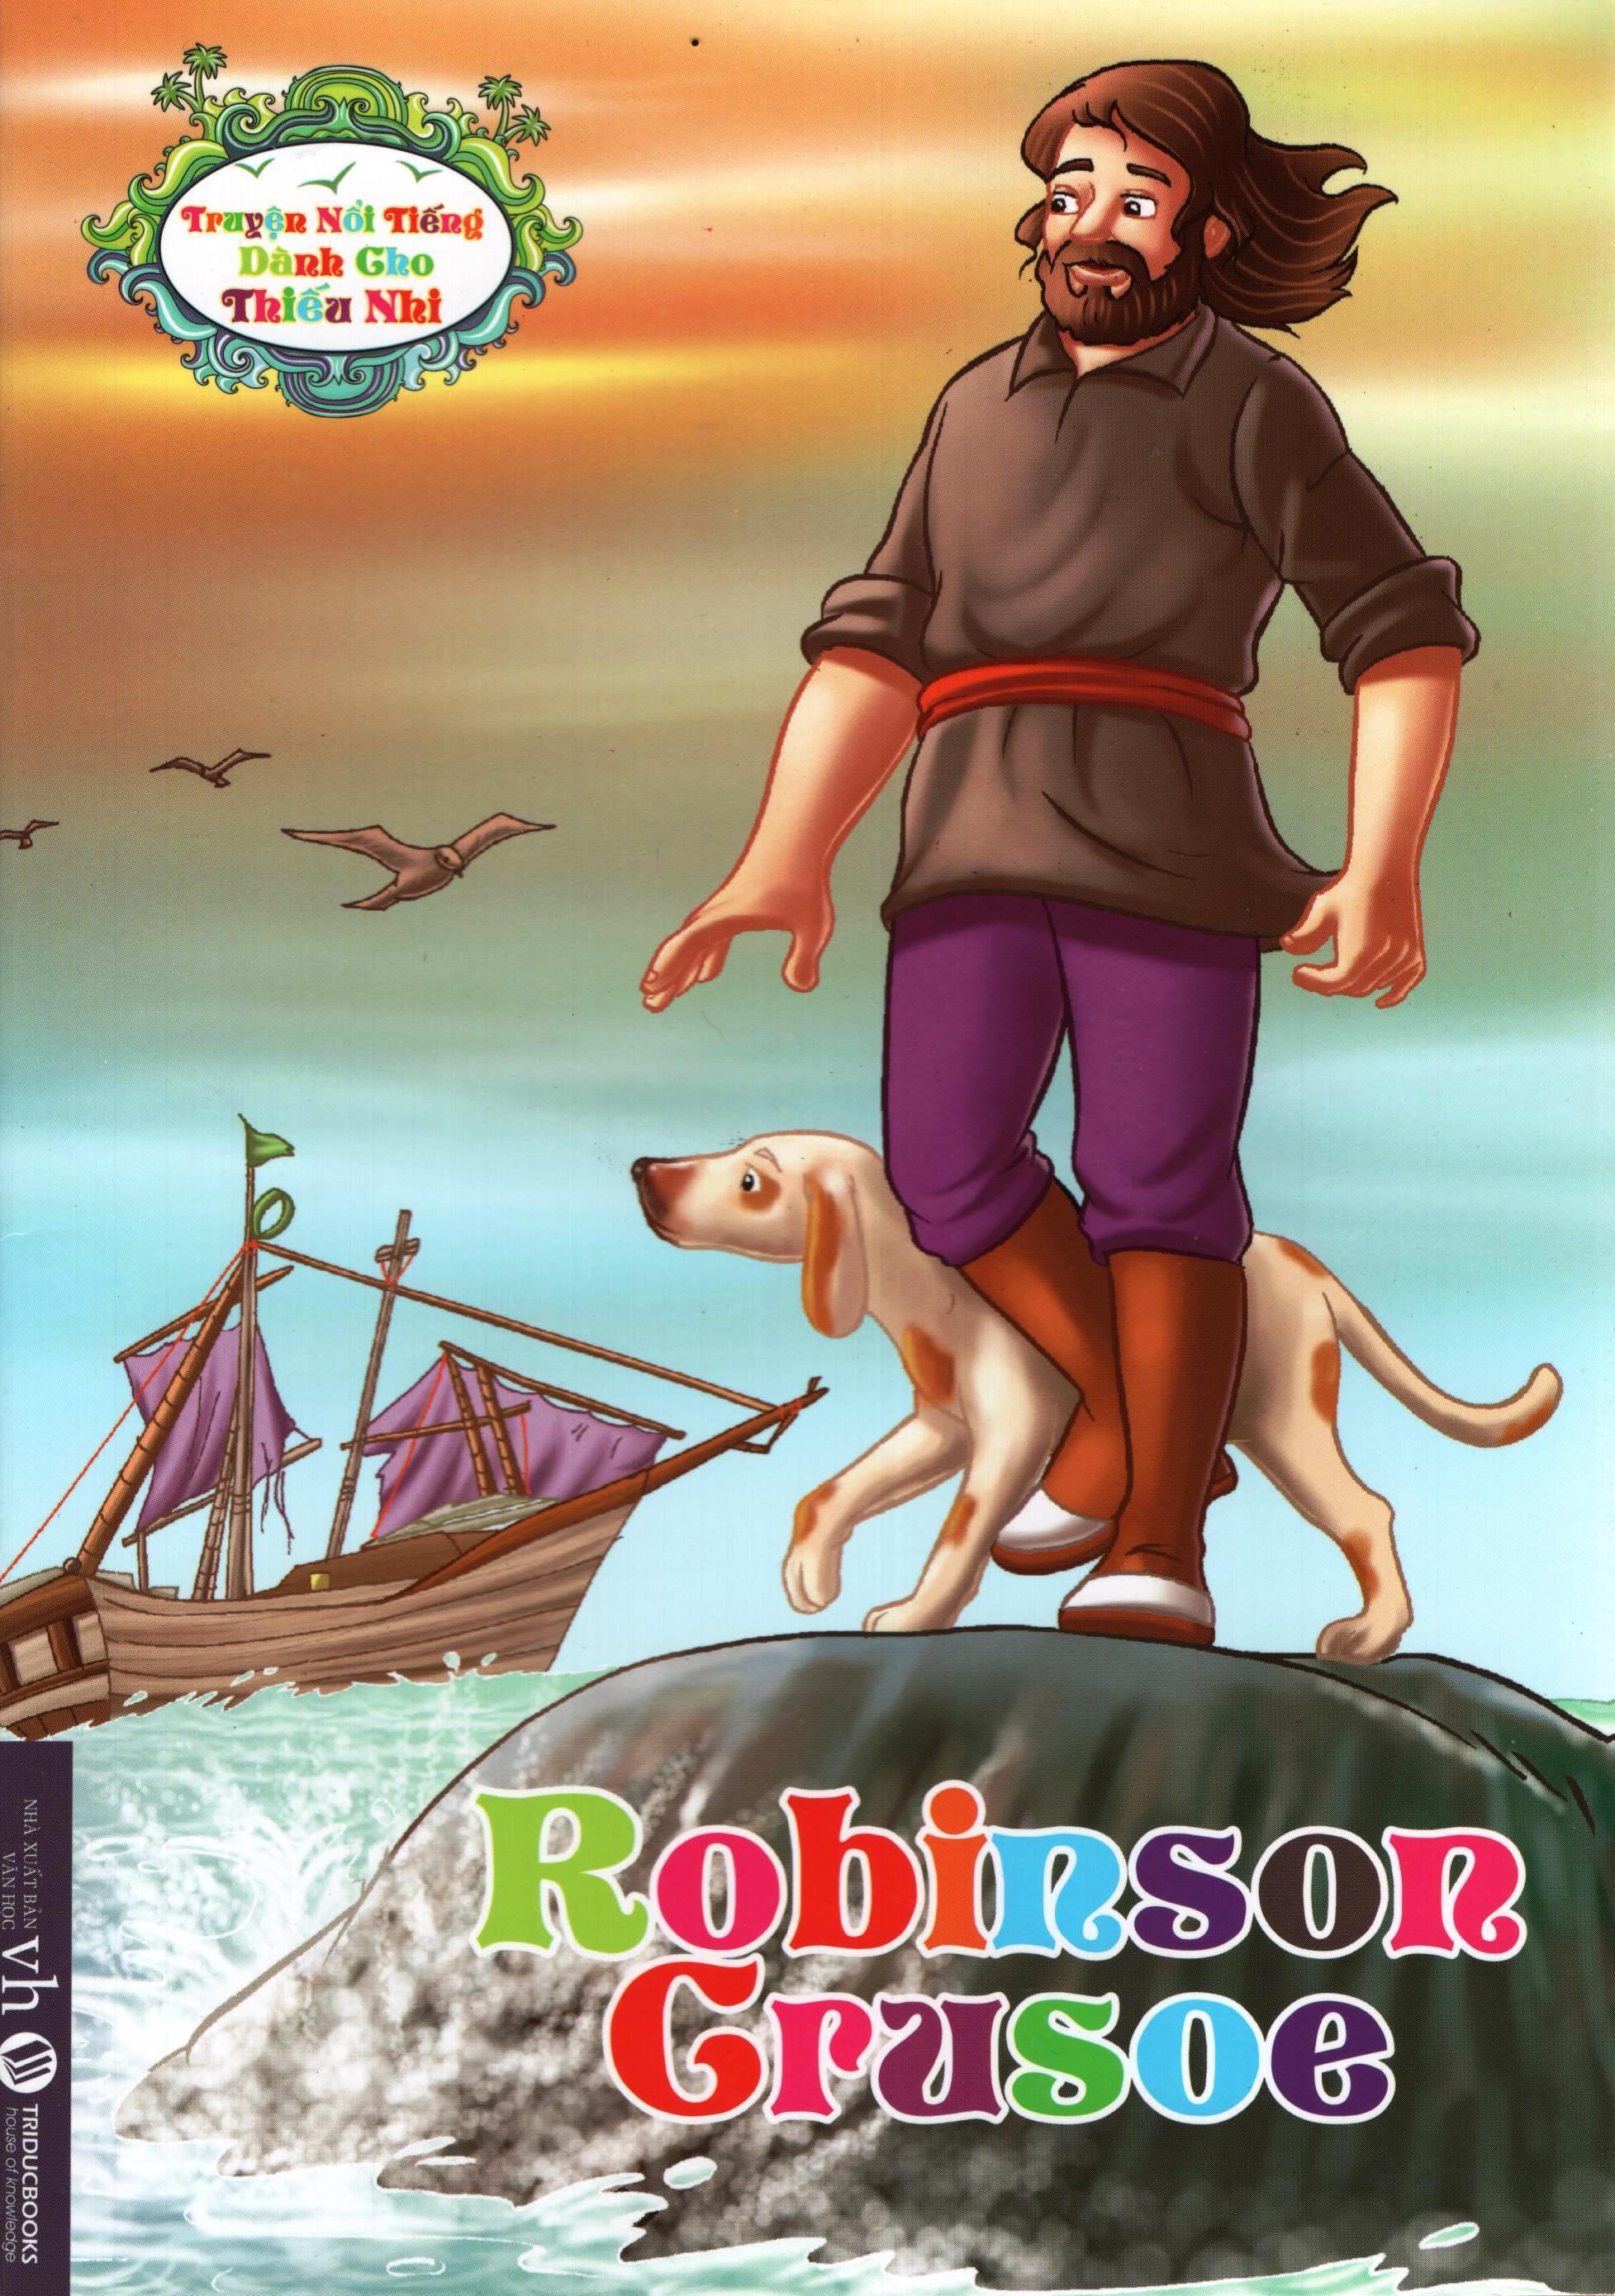 Bìa sách Truyện Nổi Tiếng Dành Cho Thiếu Nhi – Robinson Crusoe